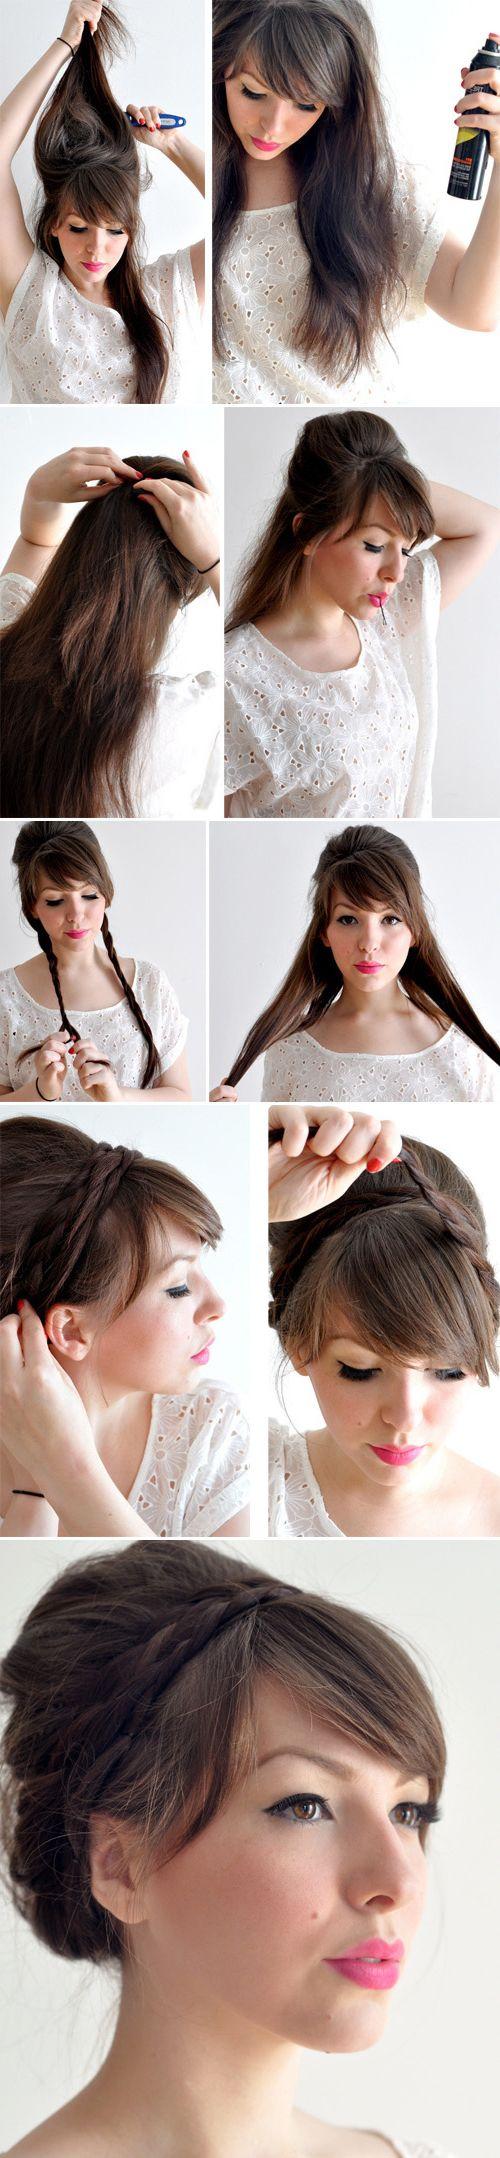 Peinados recogidos con trenzas verano easy and nice